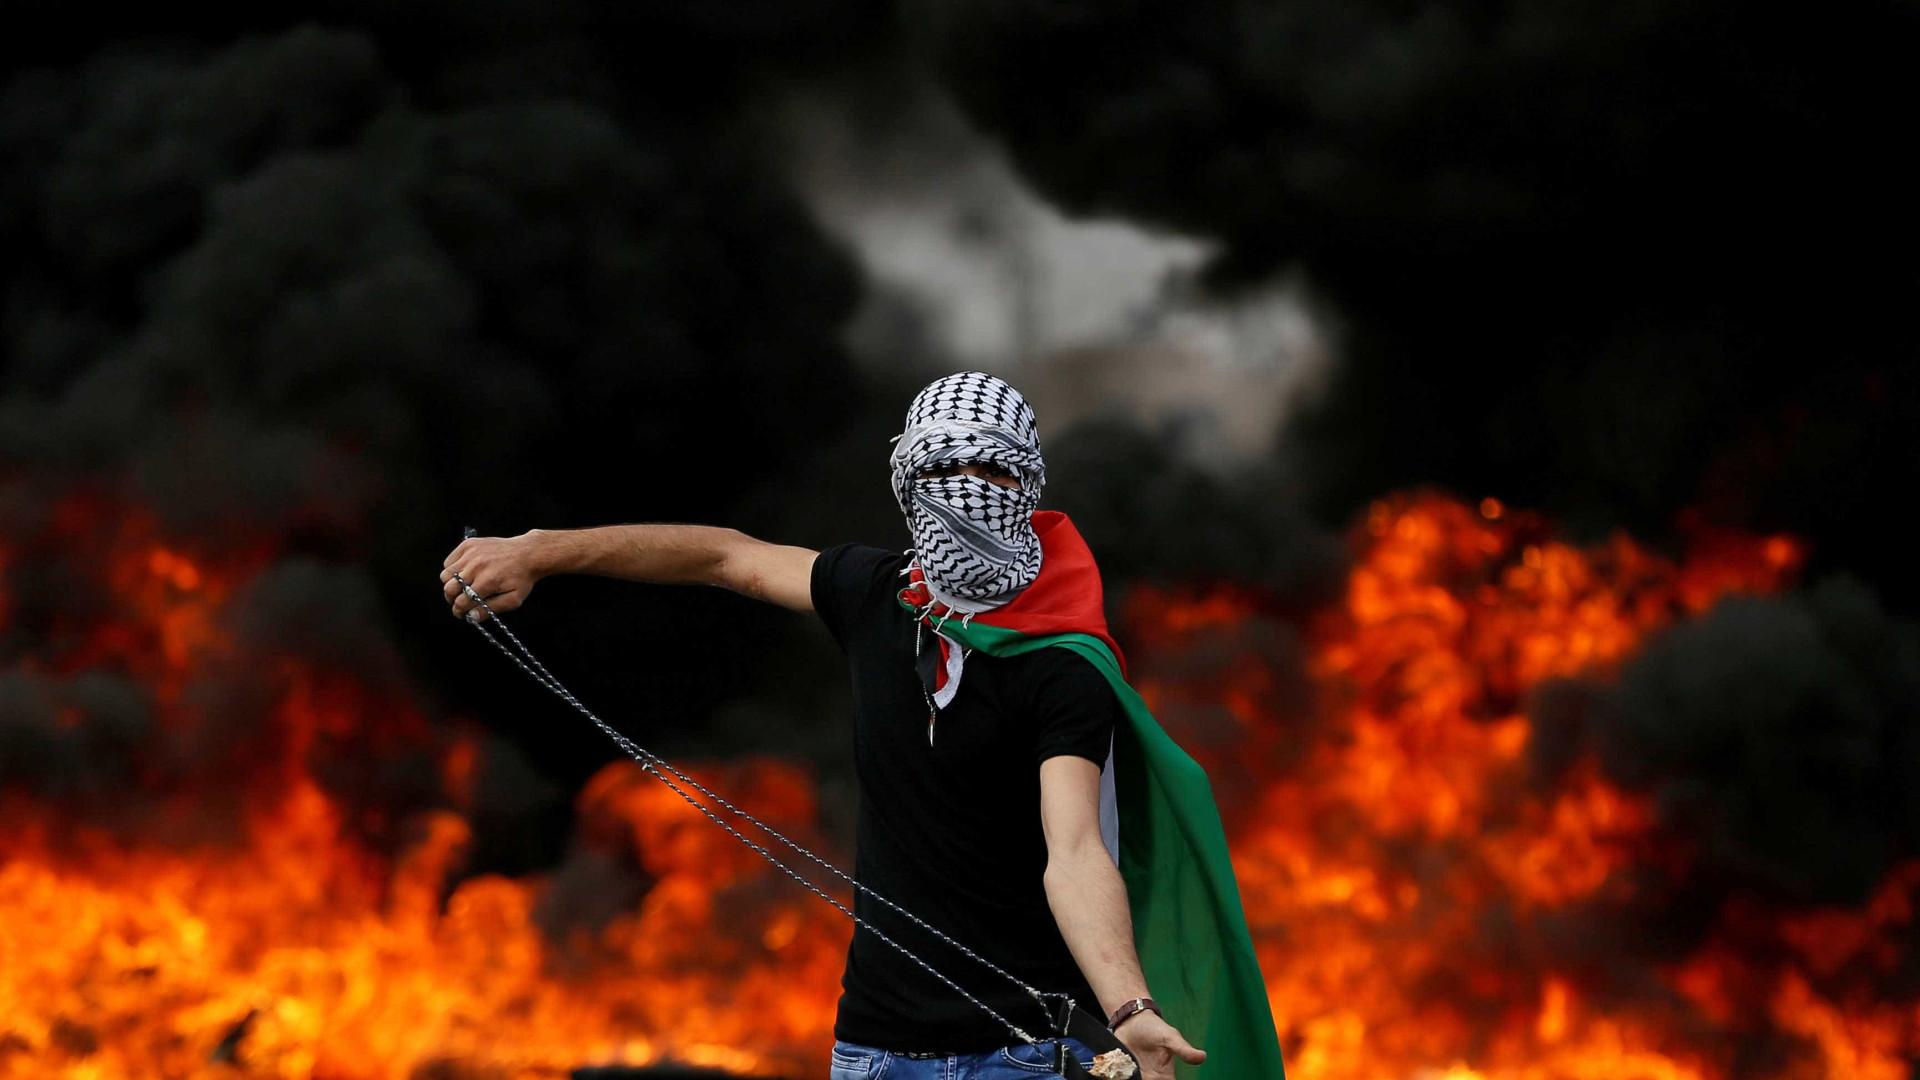 Palestina convoca enviado diplomático nos EUA para consultas